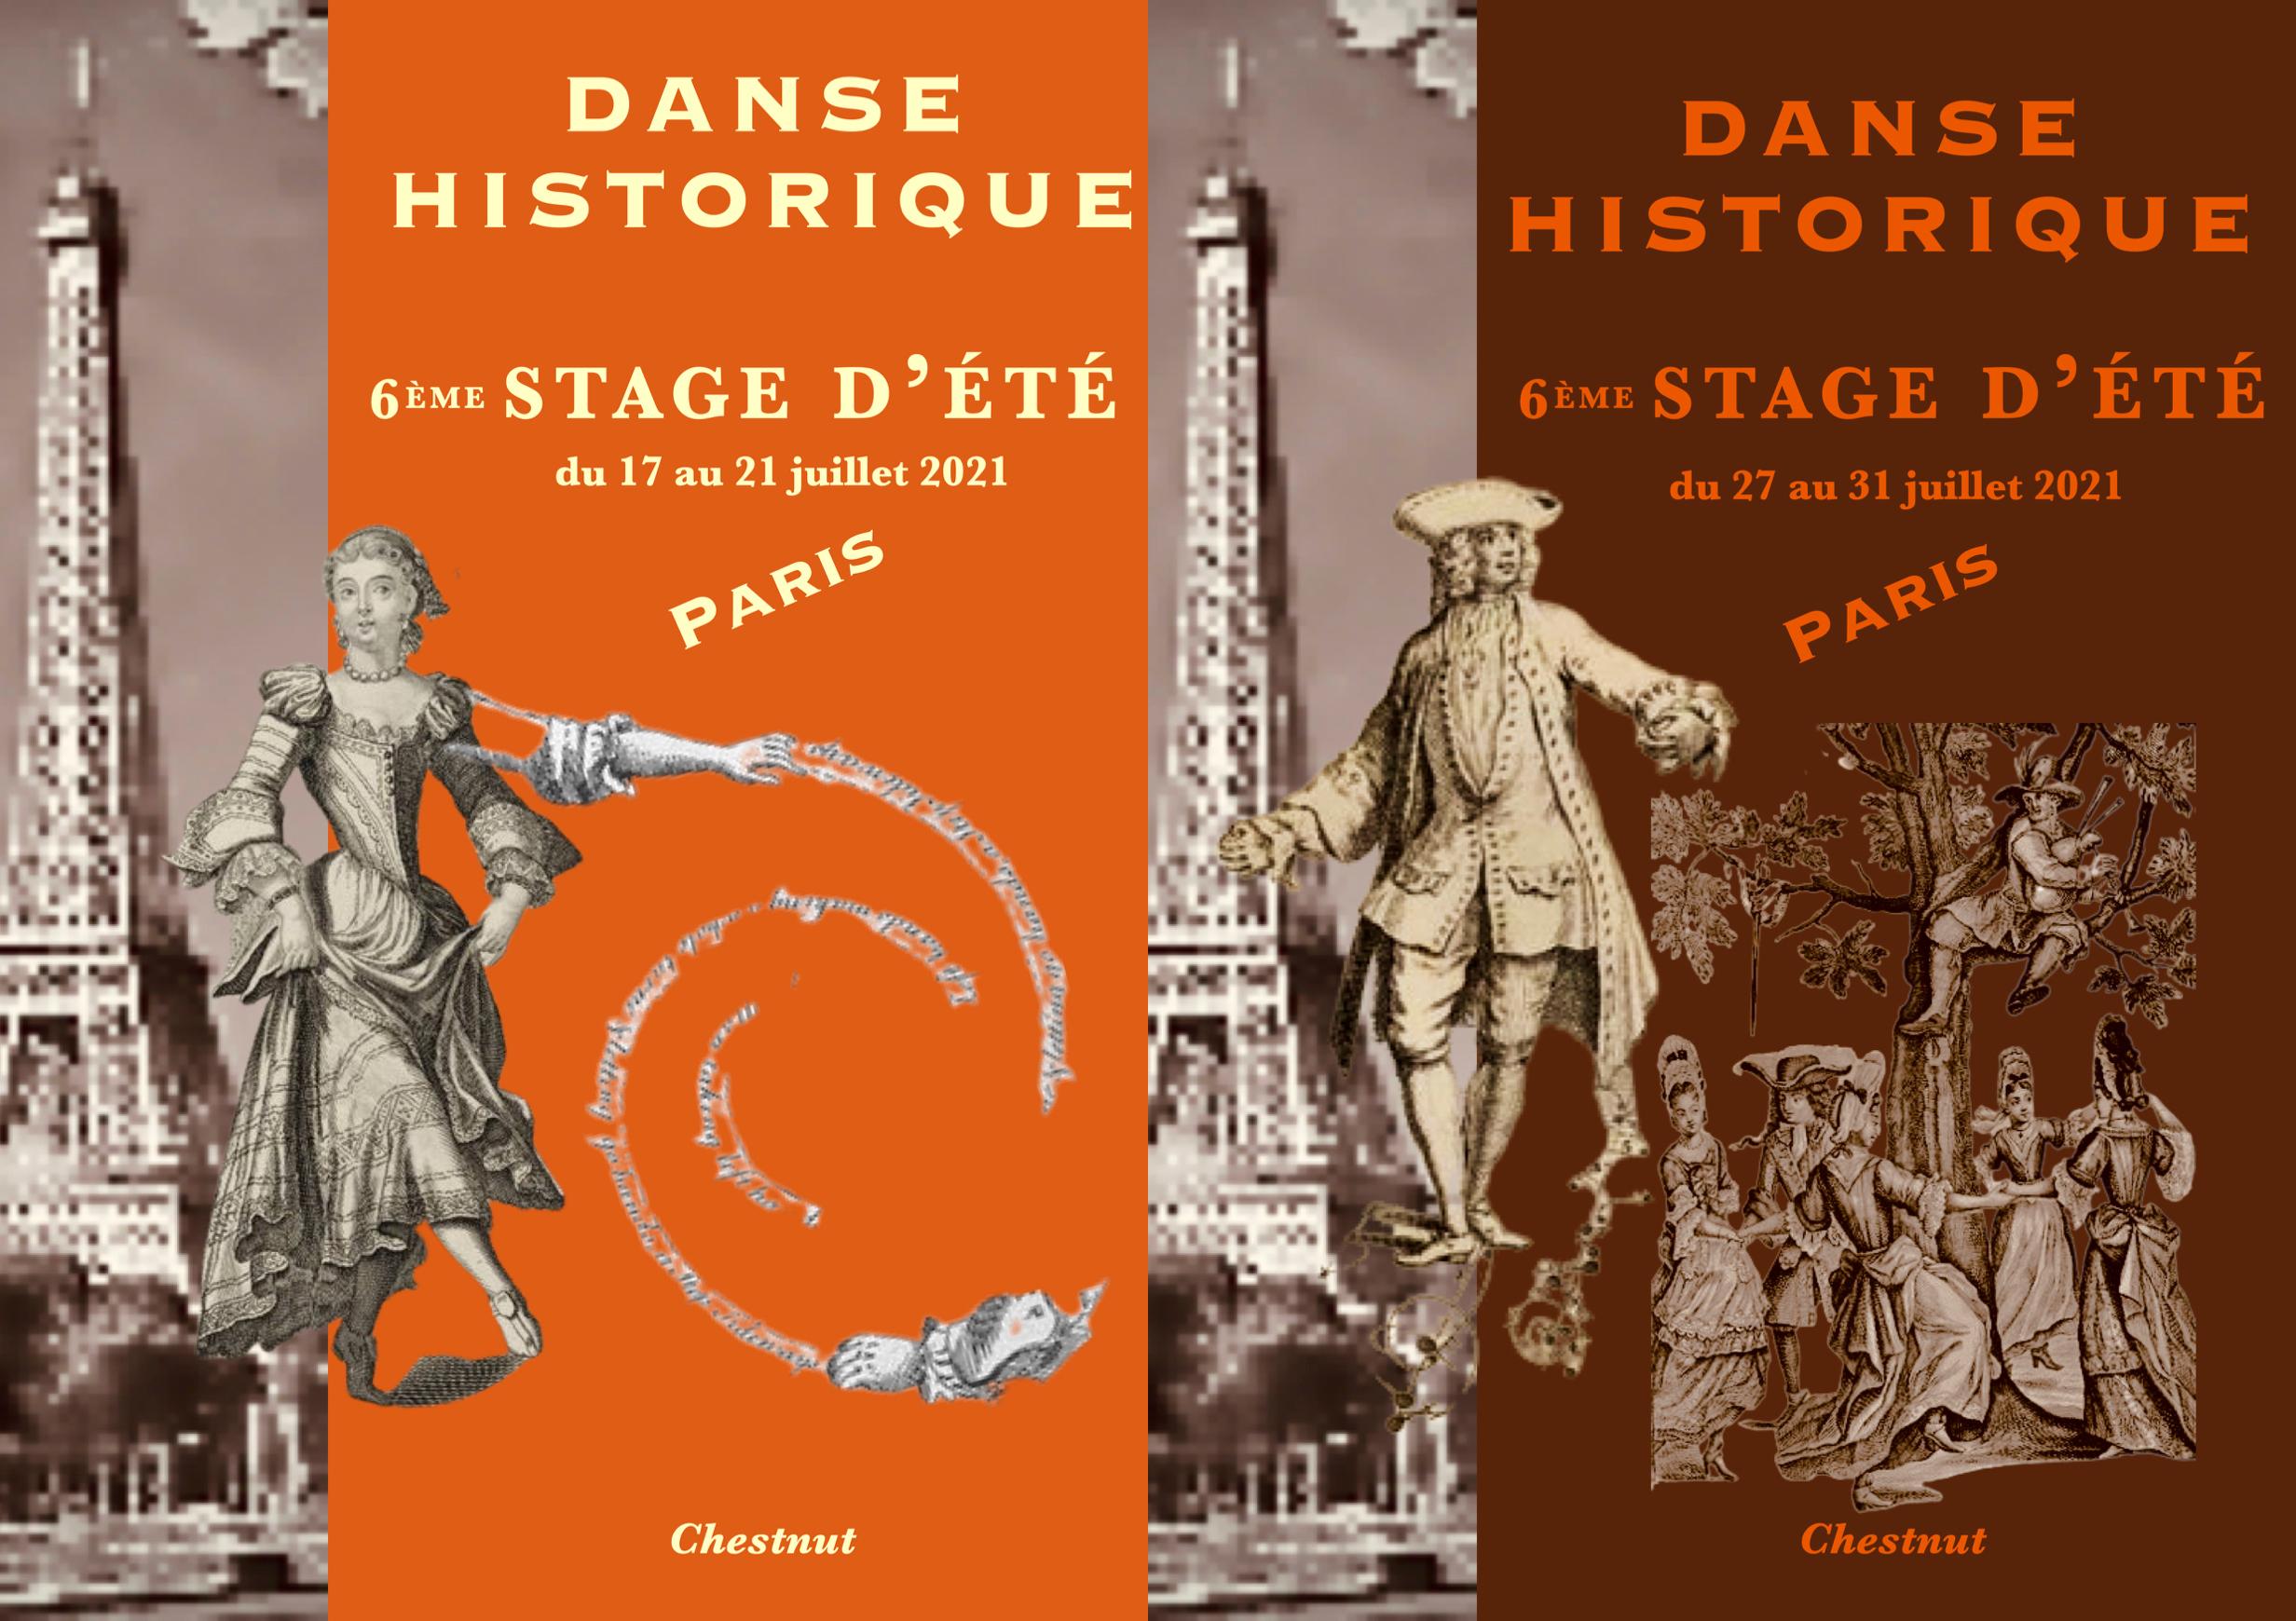 Chestnut Stage d'été de danse historique